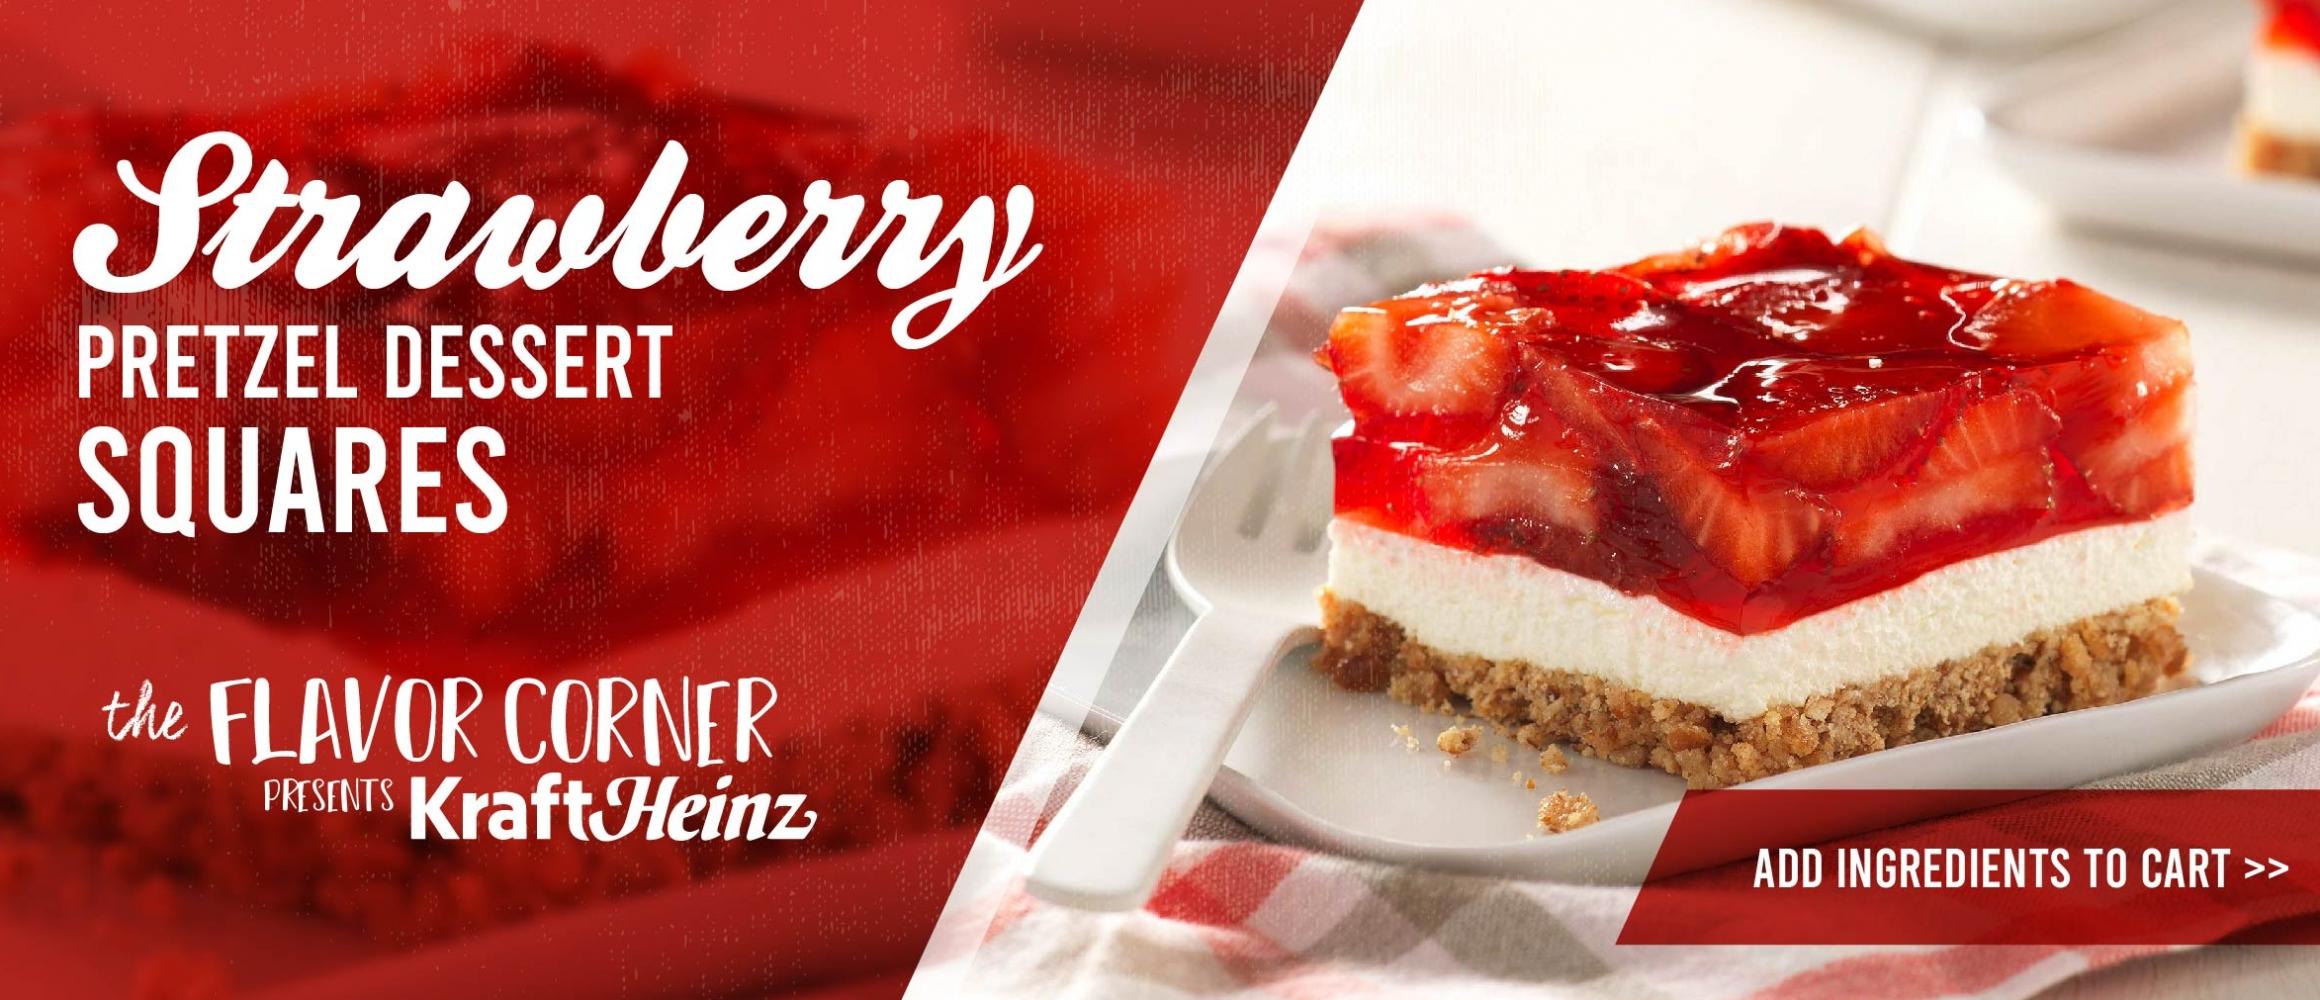 The Flavor Corner presents KraftHeinz: Strawberry Pretzel Dessert Squares